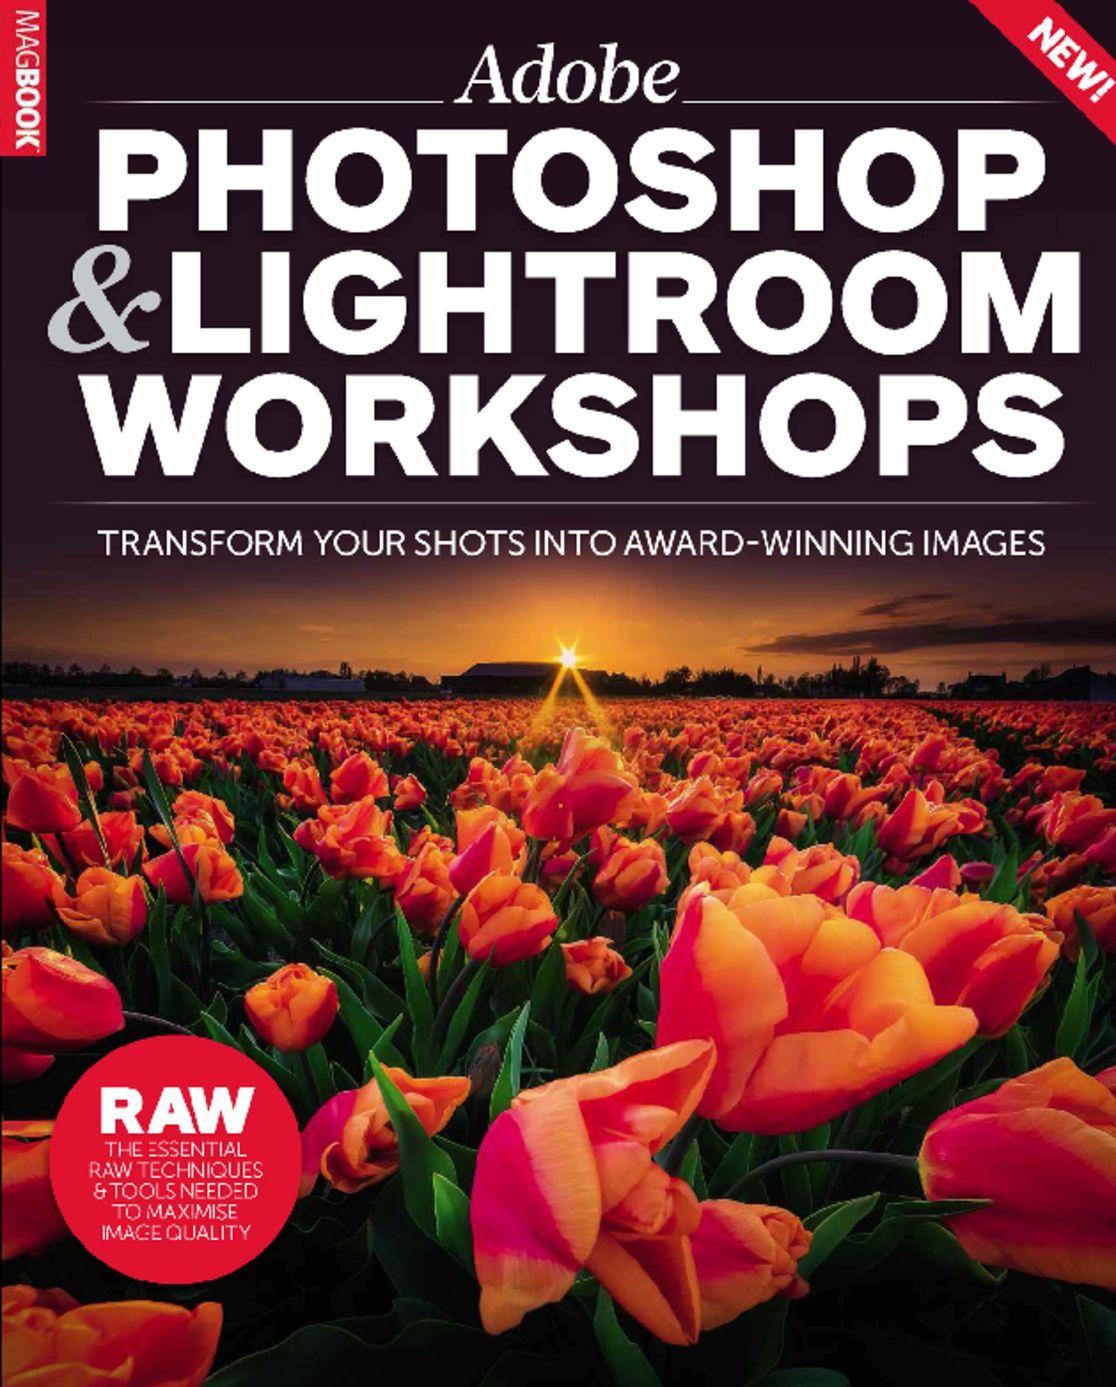 Adobe Photoshop Lightroom Workshops 3 Digital